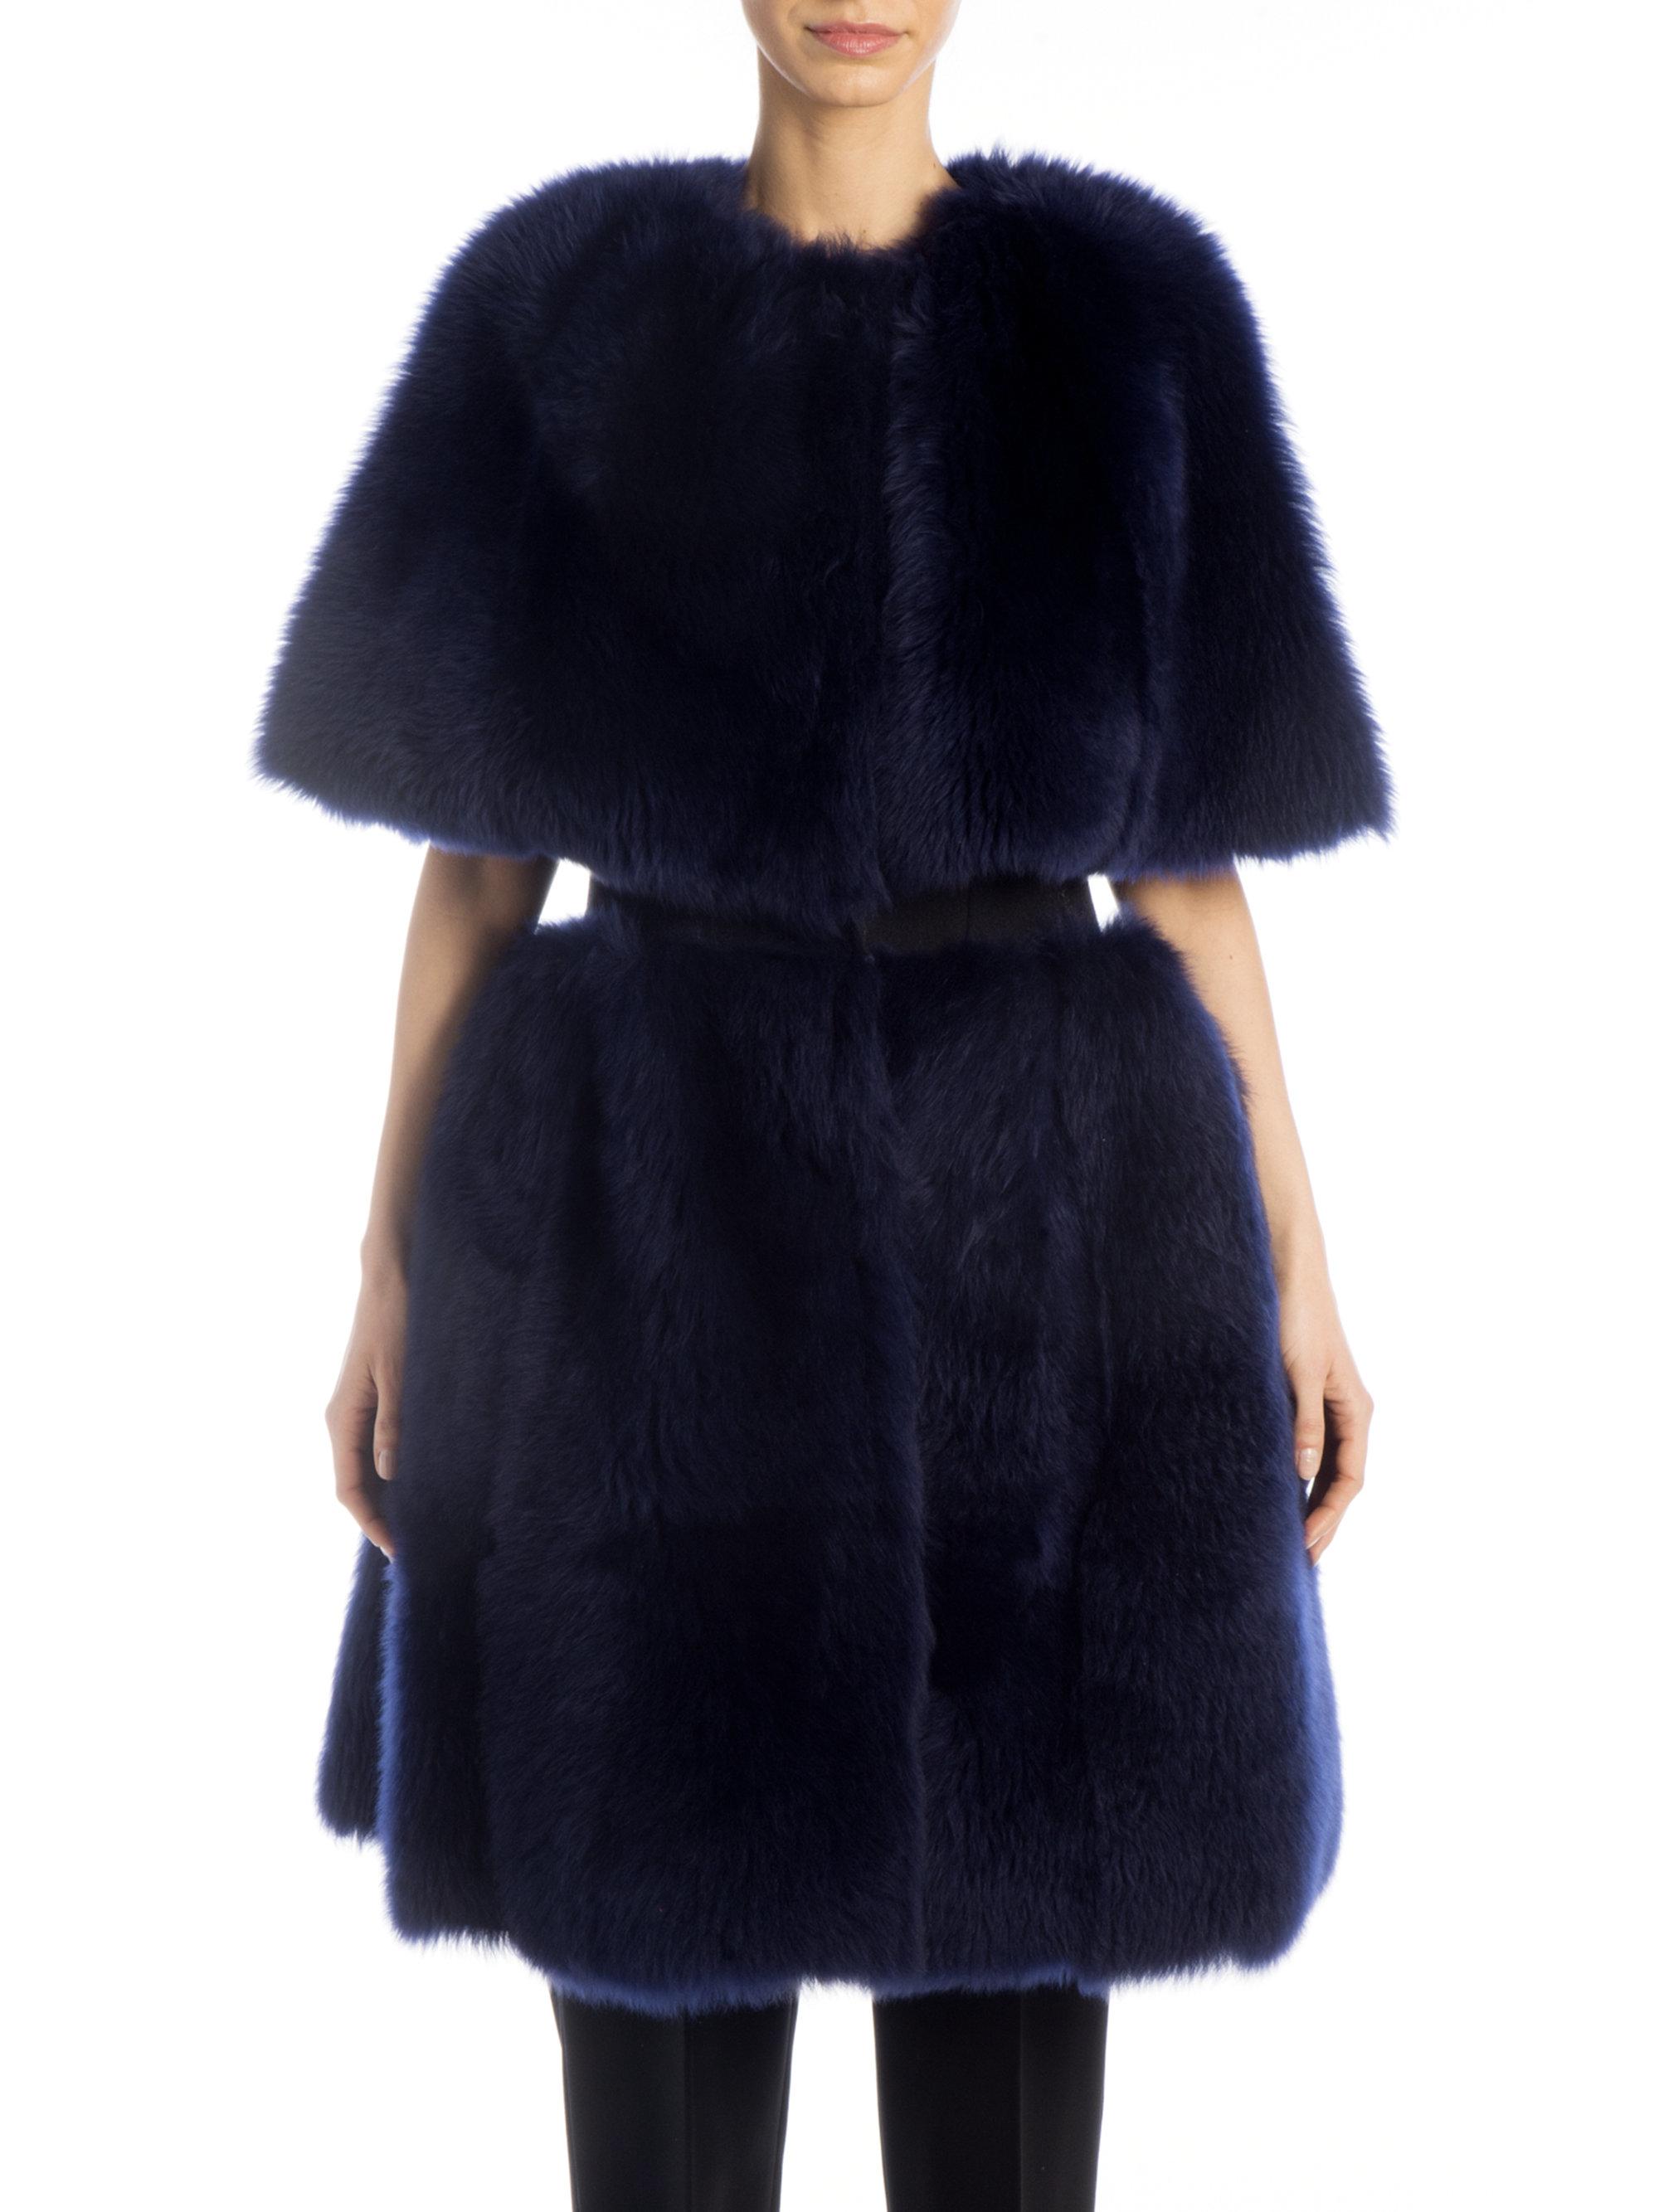 Giorgio armani Shearling Cape Vest in Blue | Lyst